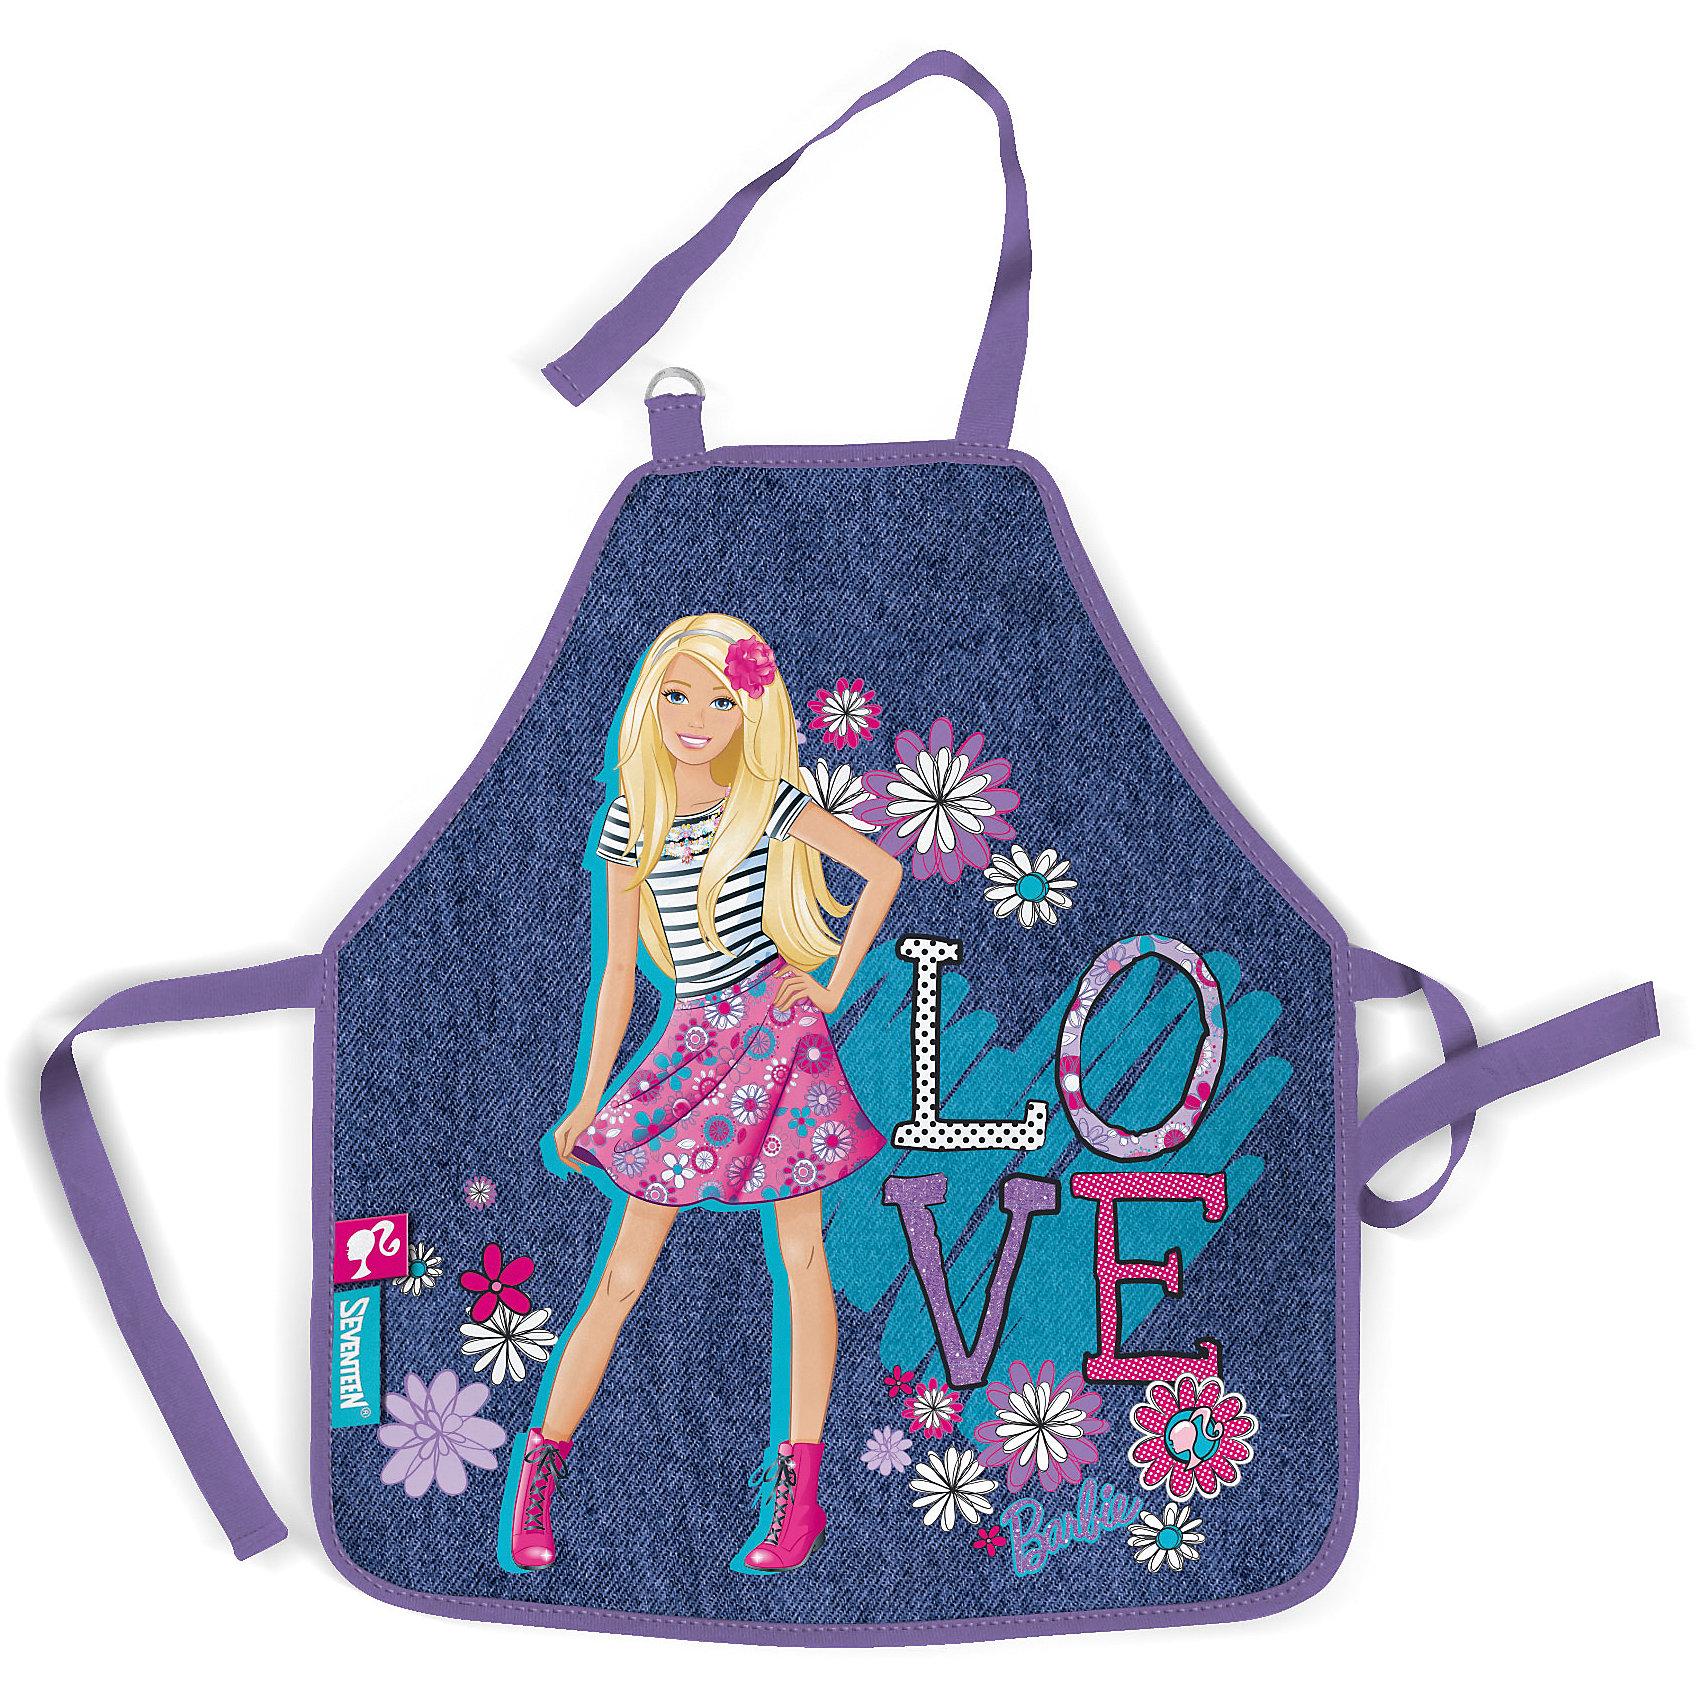 Фартук BarbieФартук для труда надежно защитит Вашего ребенка от различных пятен и загрязнений при занятиях творчеством. С фартуком ваш малыш сможет без опасений заниматься любимым делом. Он изготовлен из водостойкого материала. Его можно зафиксировать на талии и на шее с помощью специальных ремней. Ремень, предназначенный для фиксации на шее, имеет металлические приспособления для регулировки длины.<br><br>Дополнительная информация:<br><br>Фартук детский из водостойкого материала.<br>Размер фартука 51 х 44 см.<br>Размер упаковки 27 х 16,5 х 0,5 см.<br><br>Фартук Barbie (Барби) можно купить в нашем магазине.<br><br>Ширина мм: 270<br>Глубина мм: 165<br>Высота мм: 5<br>Вес г: 70<br>Возраст от месяцев: 96<br>Возраст до месяцев: 108<br>Пол: Женский<br>Возраст: Детский<br>SKU: 4140886